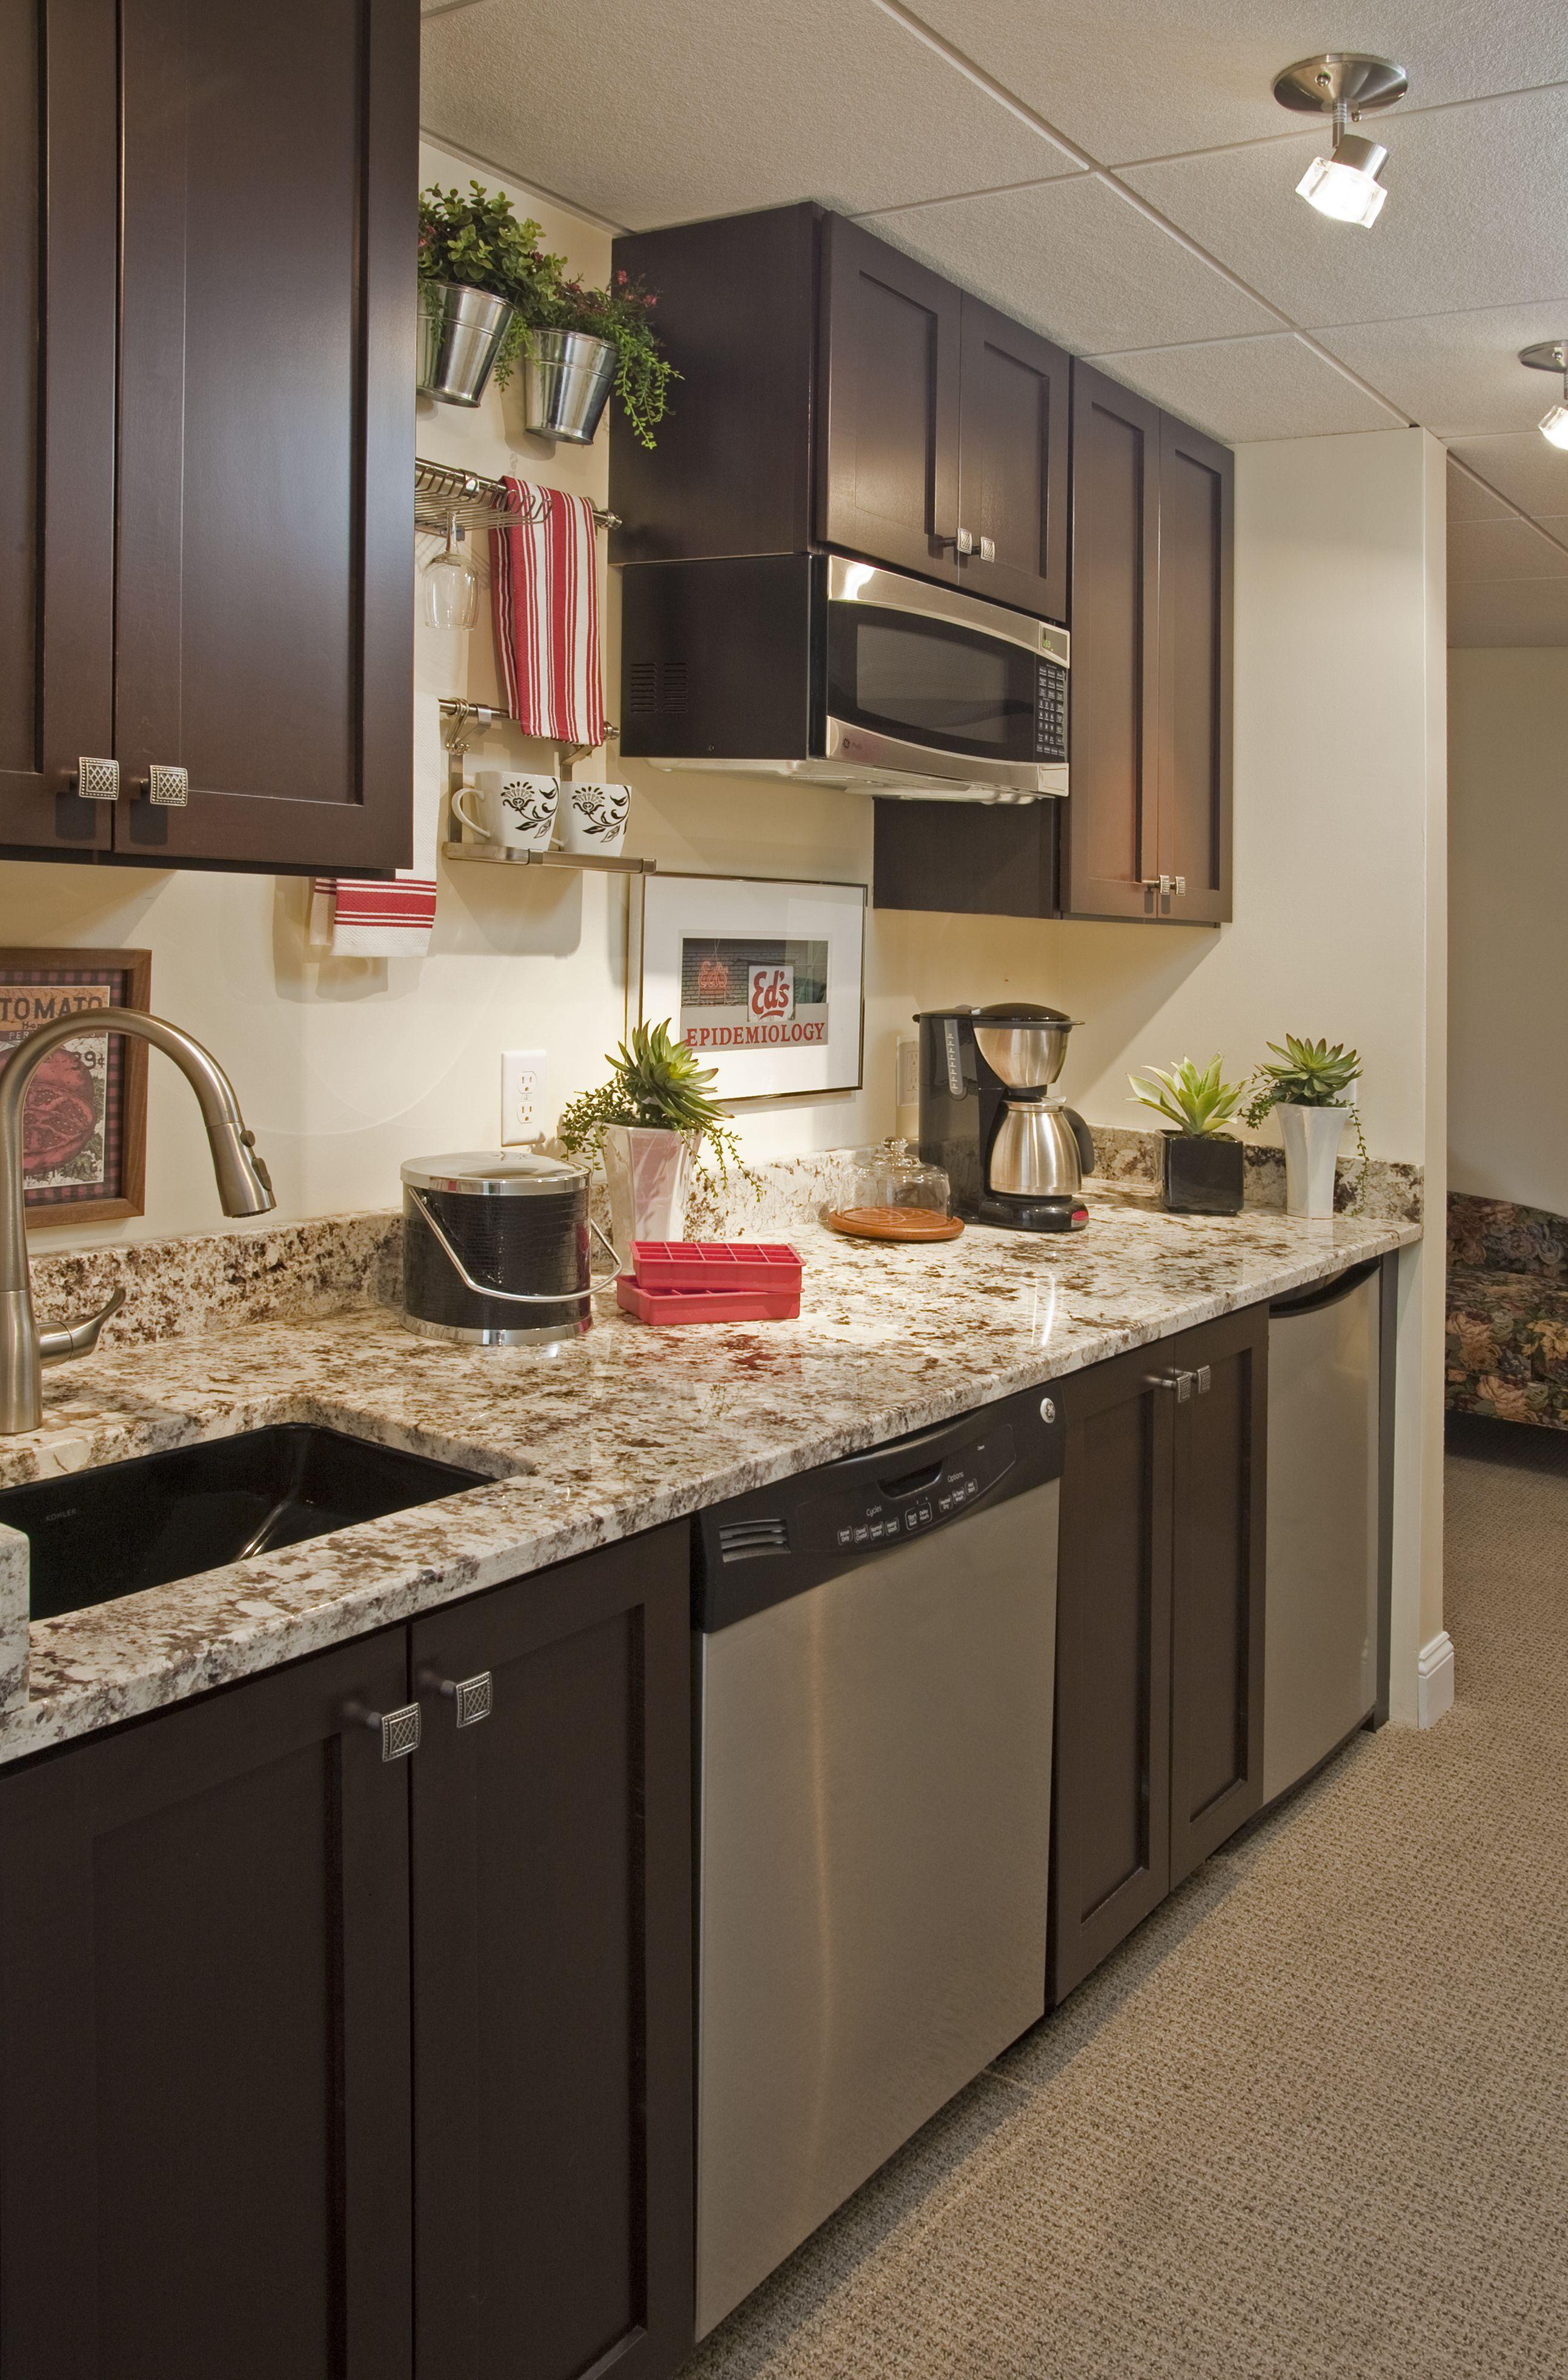 Lower Level Kitchen | Residential interior design